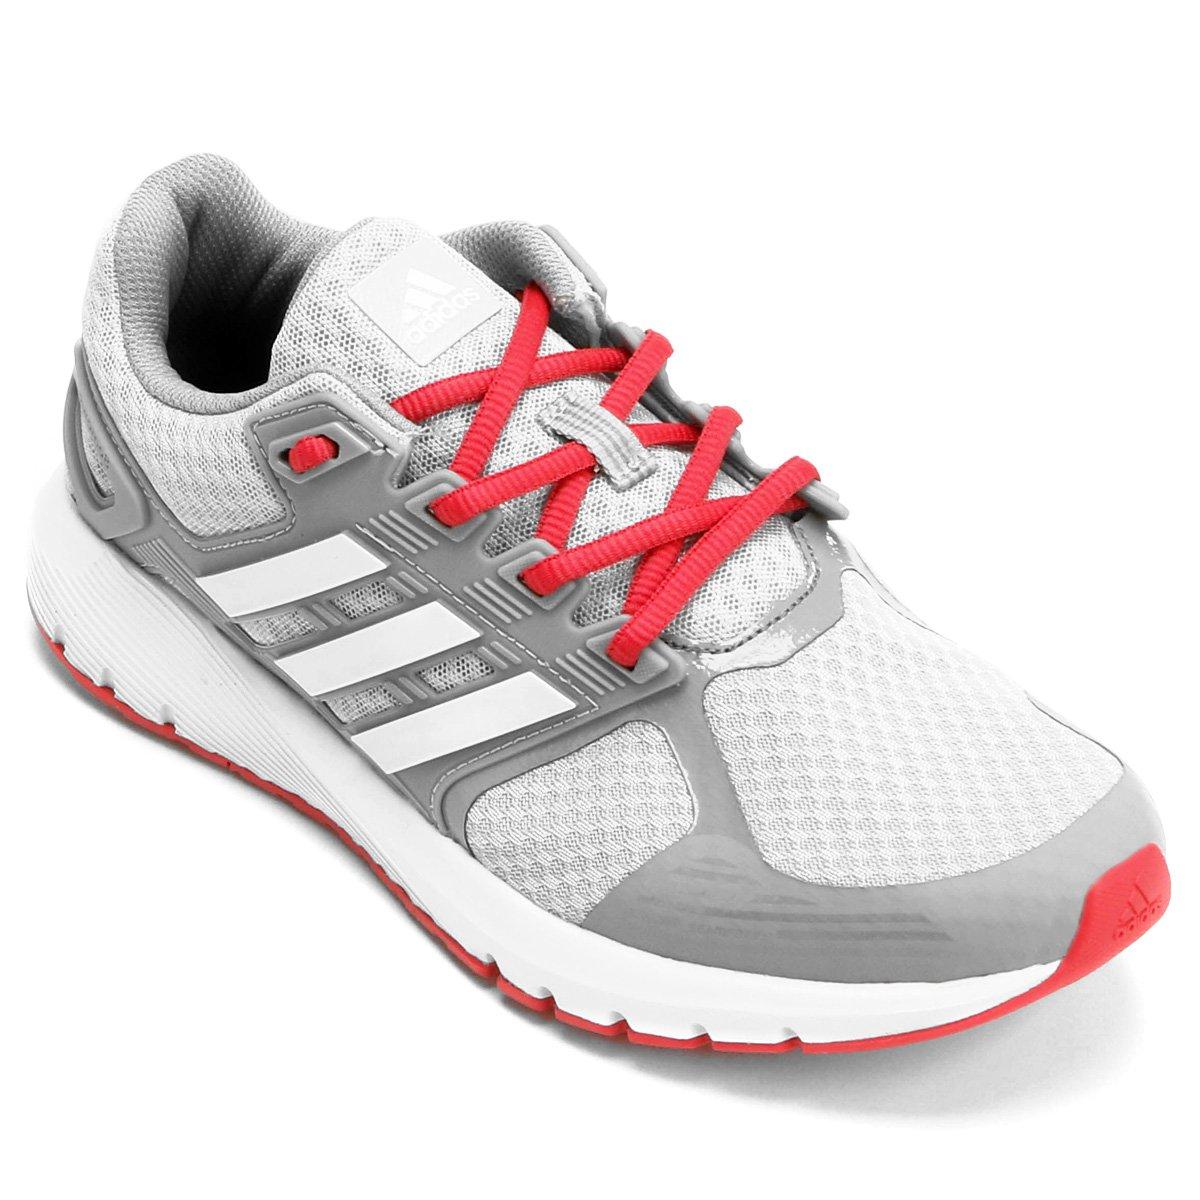 f8aa826d97e Tênis Adidas Duramo 8 Feminino - Cinza e Vermelho - Compre Agora ...